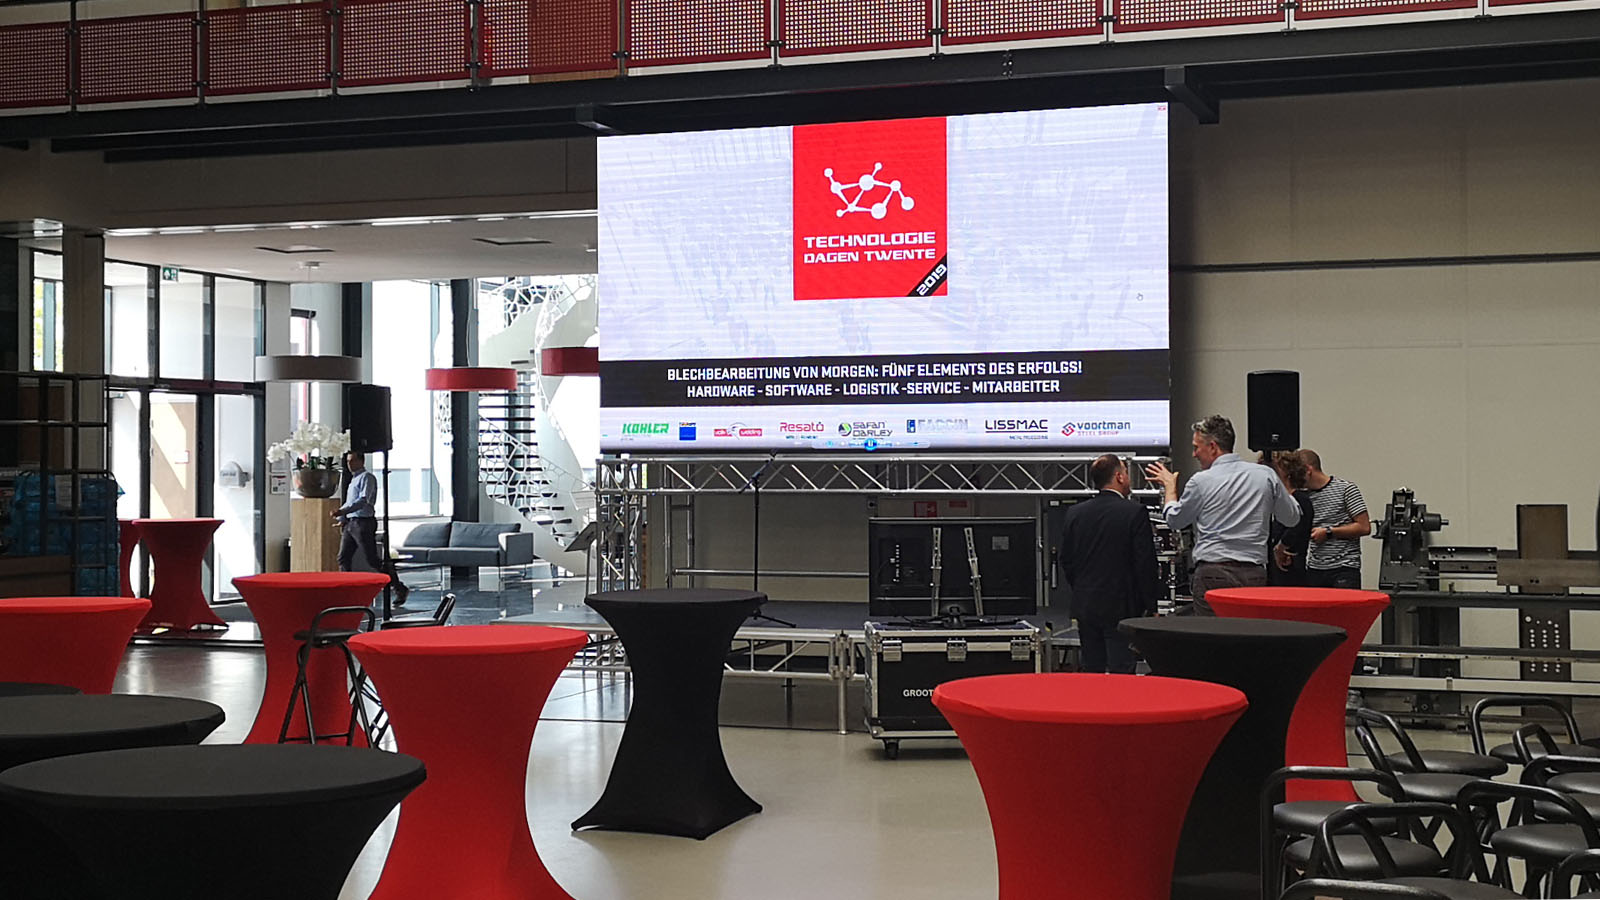 led scherm podium en geluid voor technologiedagen twente